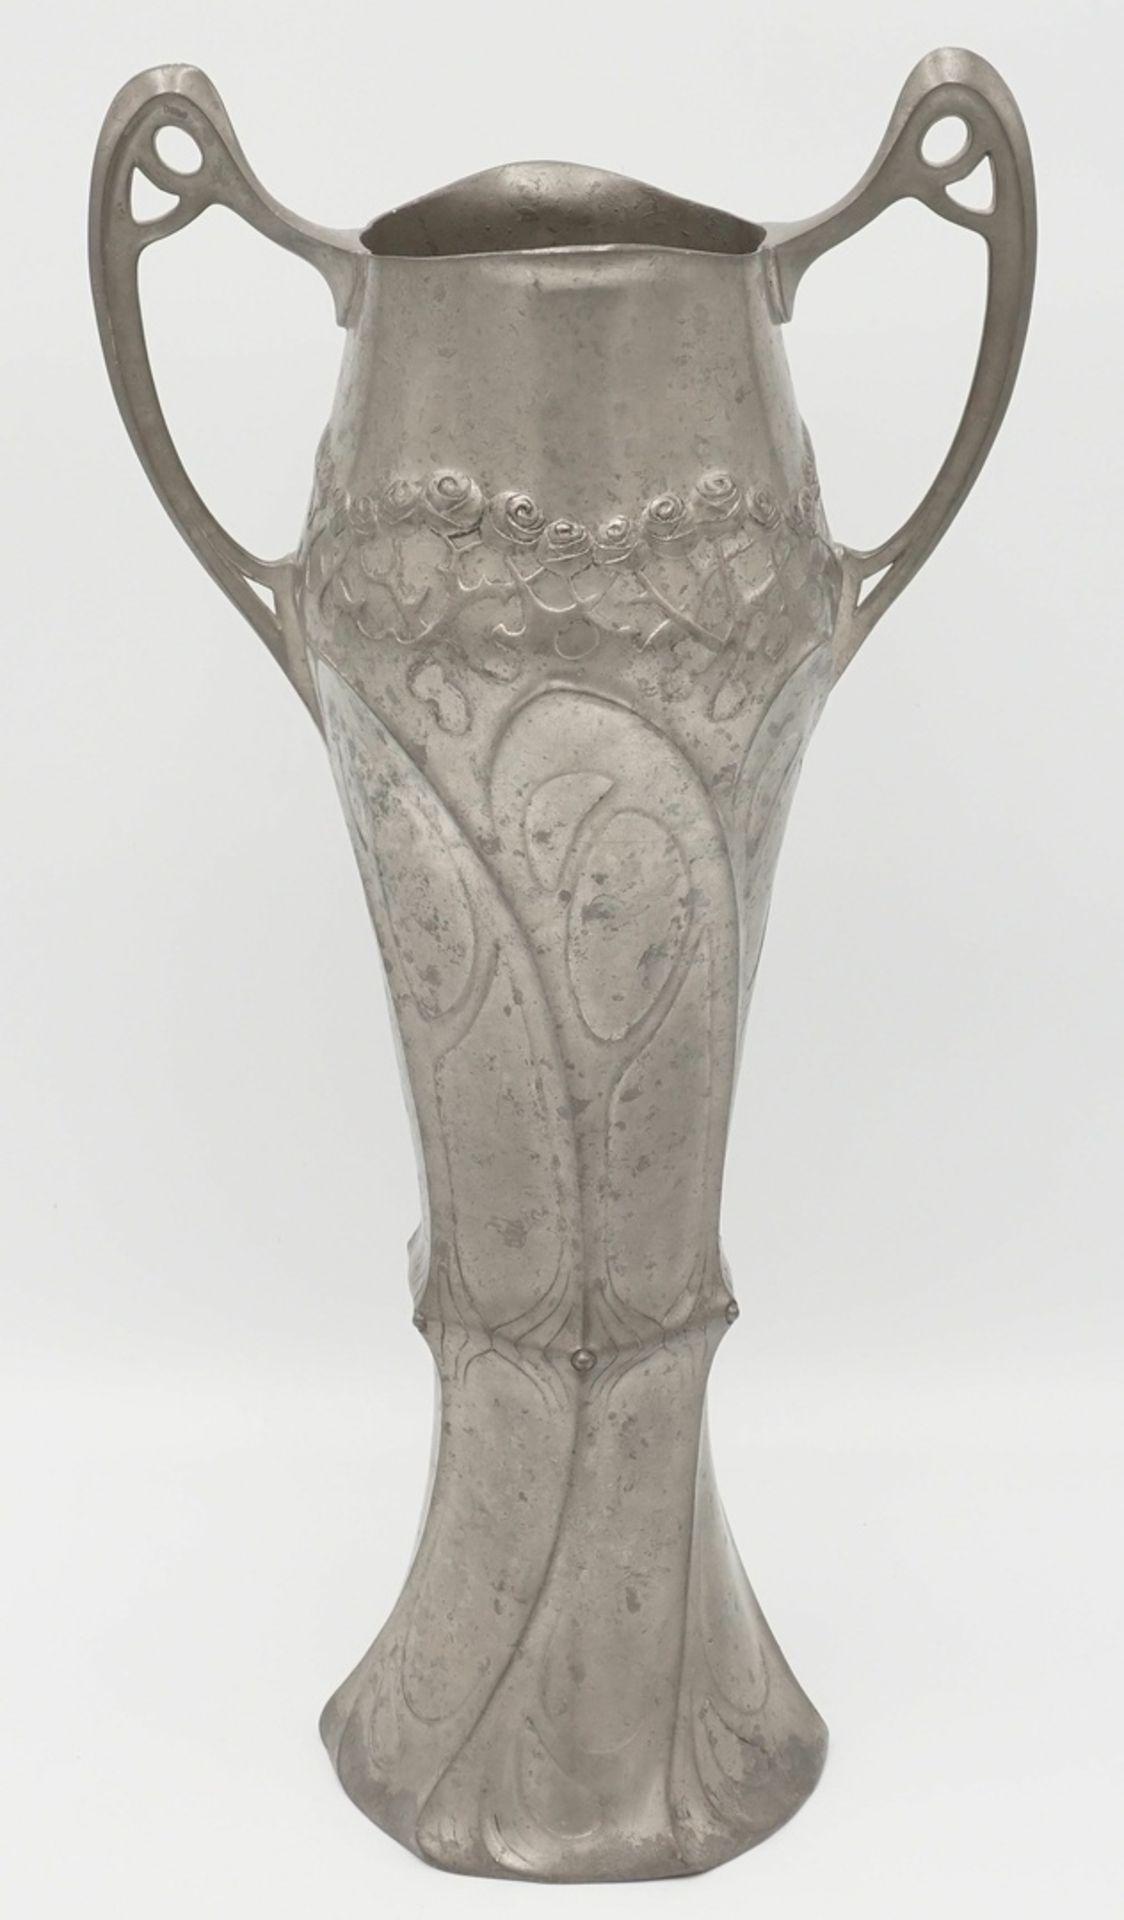 Juventa Prima Metal Doppelhenkelvase, vermutlich 1902-1908 - Bild 2 aus 3